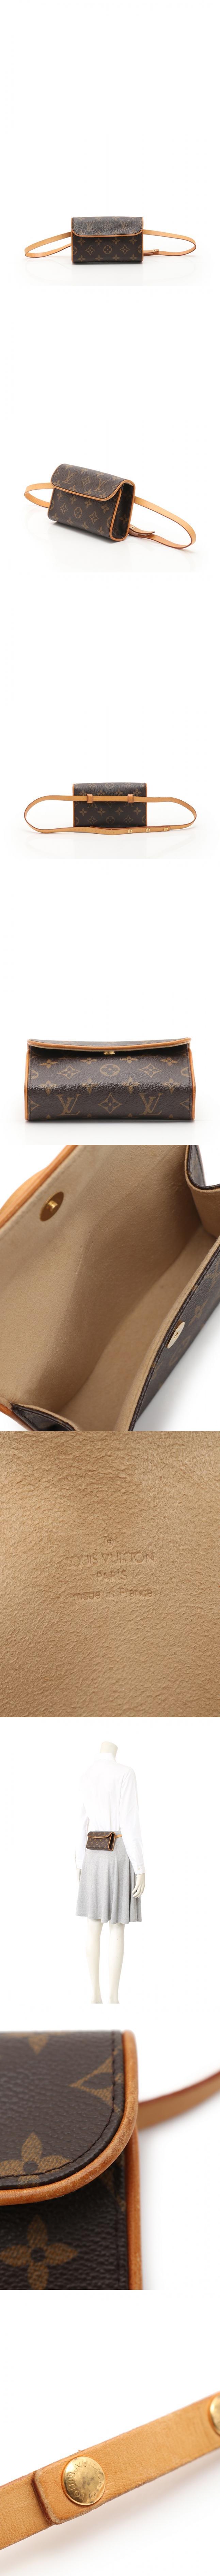 ボディバッグ ウエストポーチ ポシェット フロランティーヌ モノグラム 茶 M51855 PVC レザー ブトンプレッション(S)付